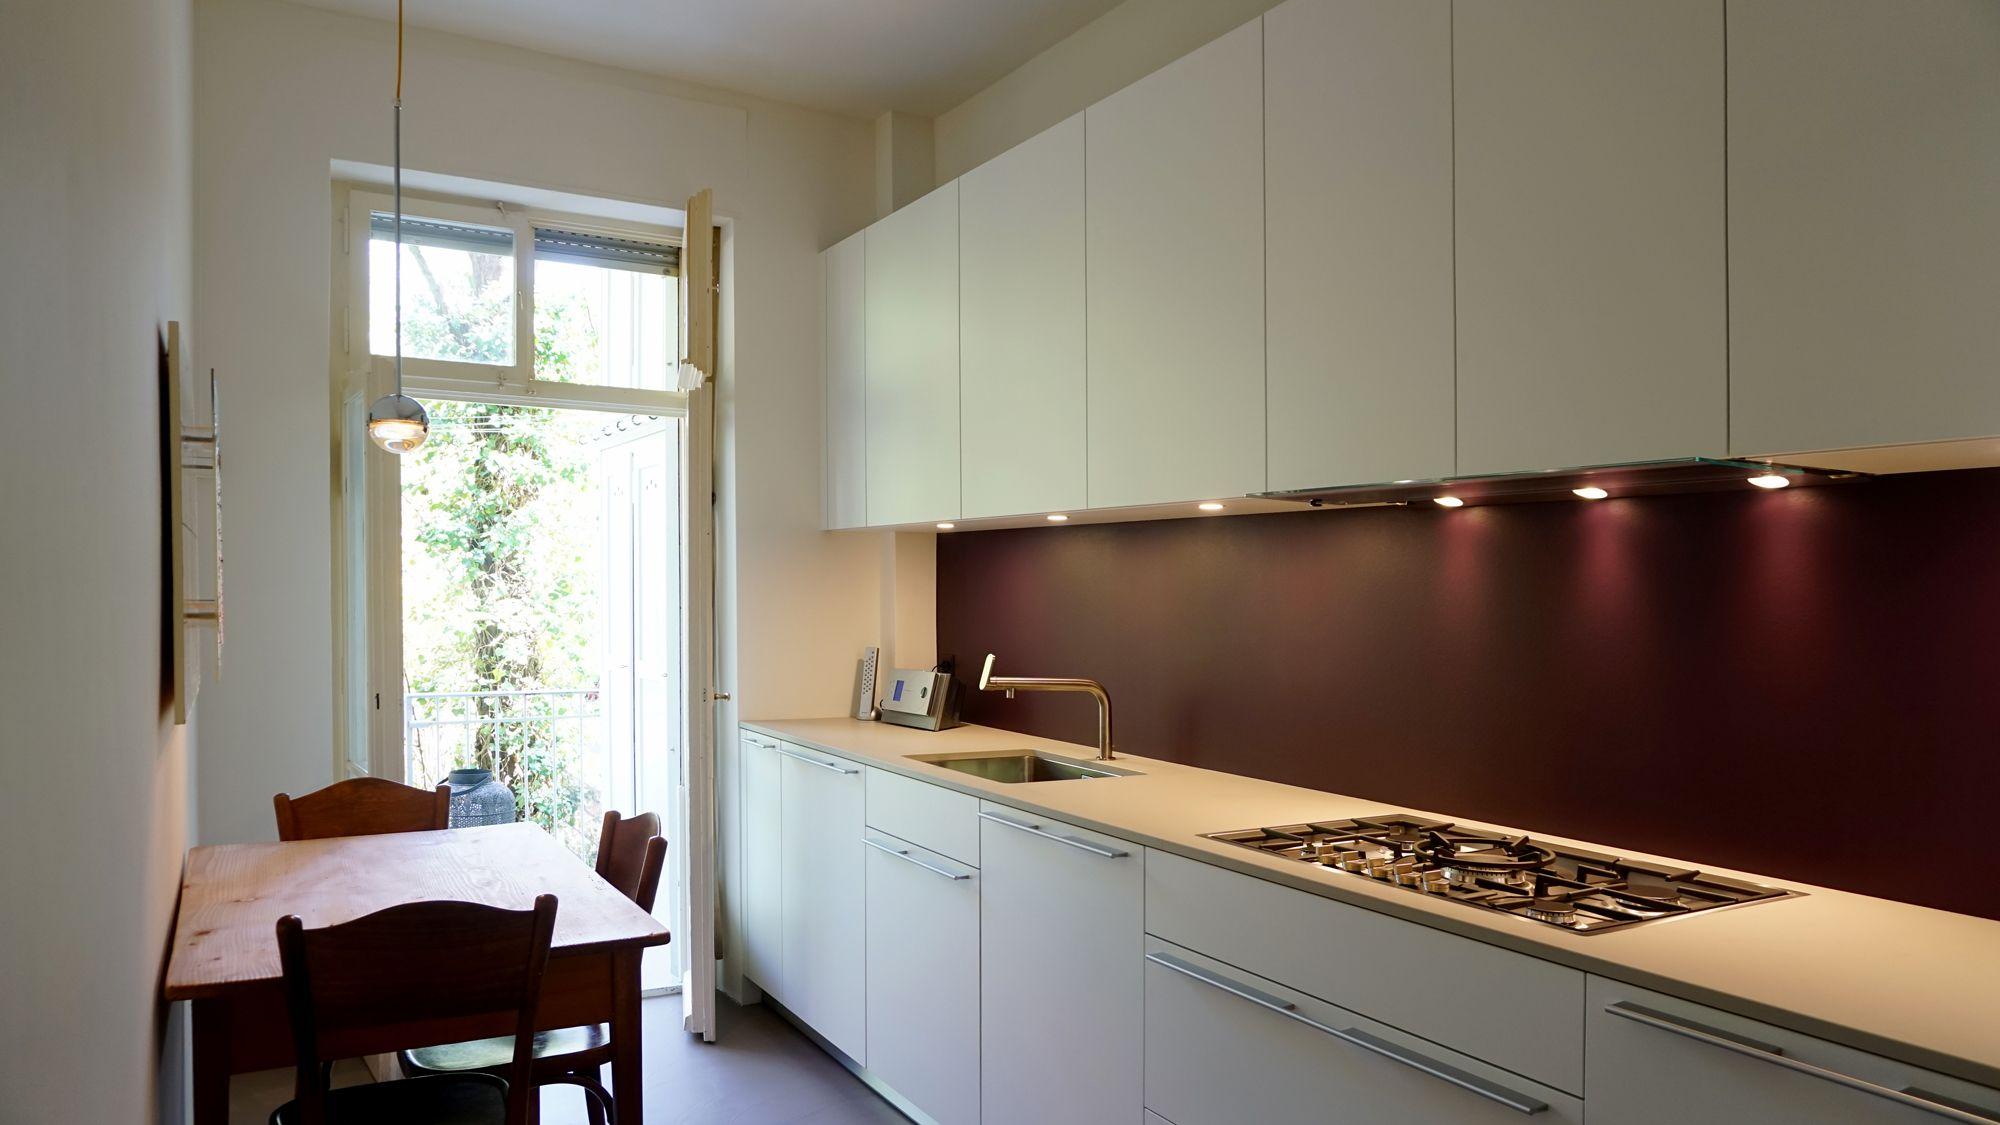 Innenarchitektur Basel innenarchitektur bulthaup b3 küche interior design bulhaup b3